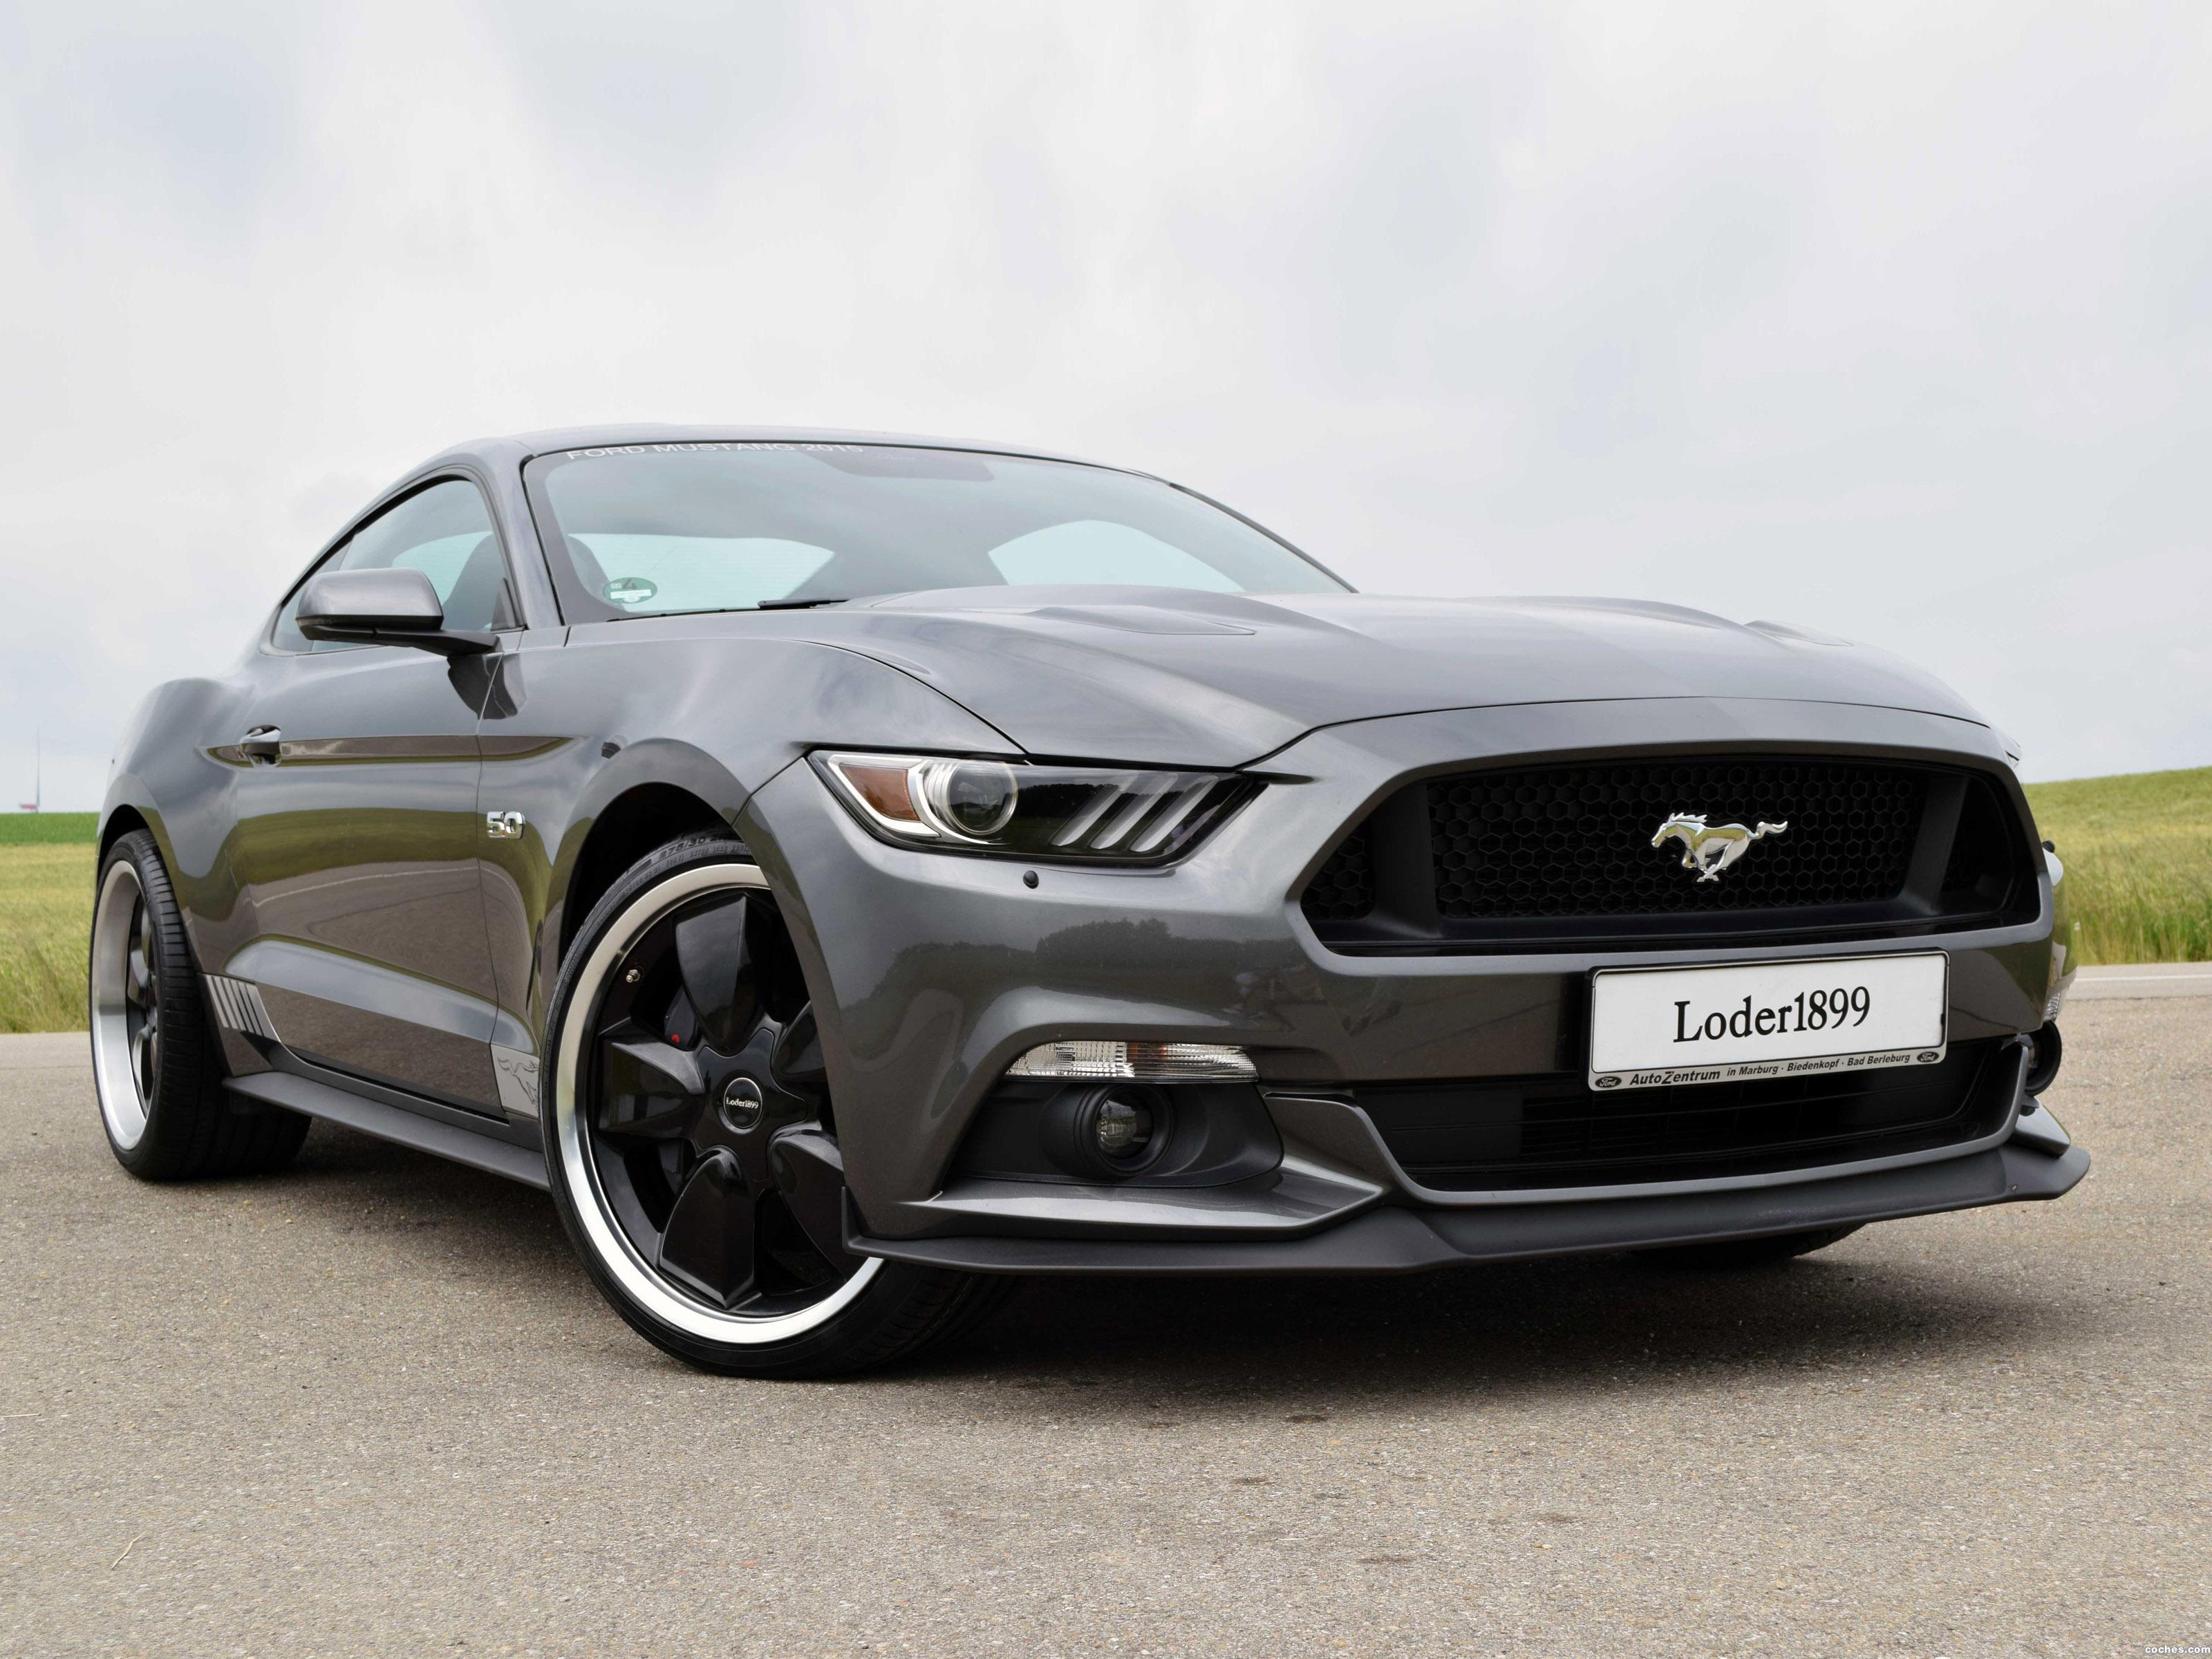 Foto 0 de Loder1899 Ford Mustang 2015